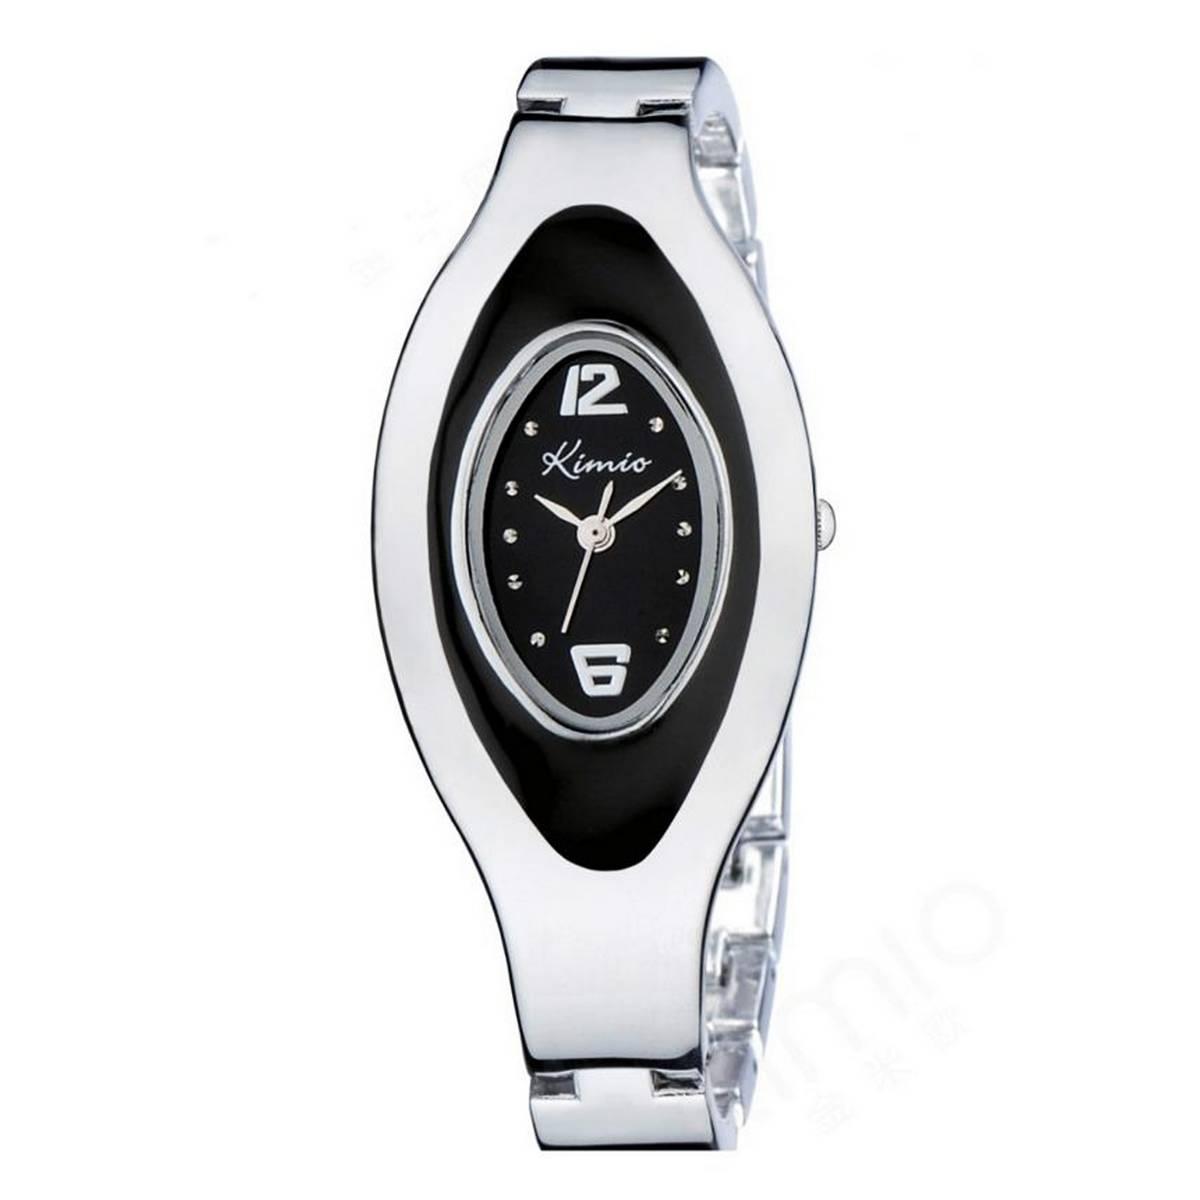 Kimio Fancy Bracelet Watch For Women - Black